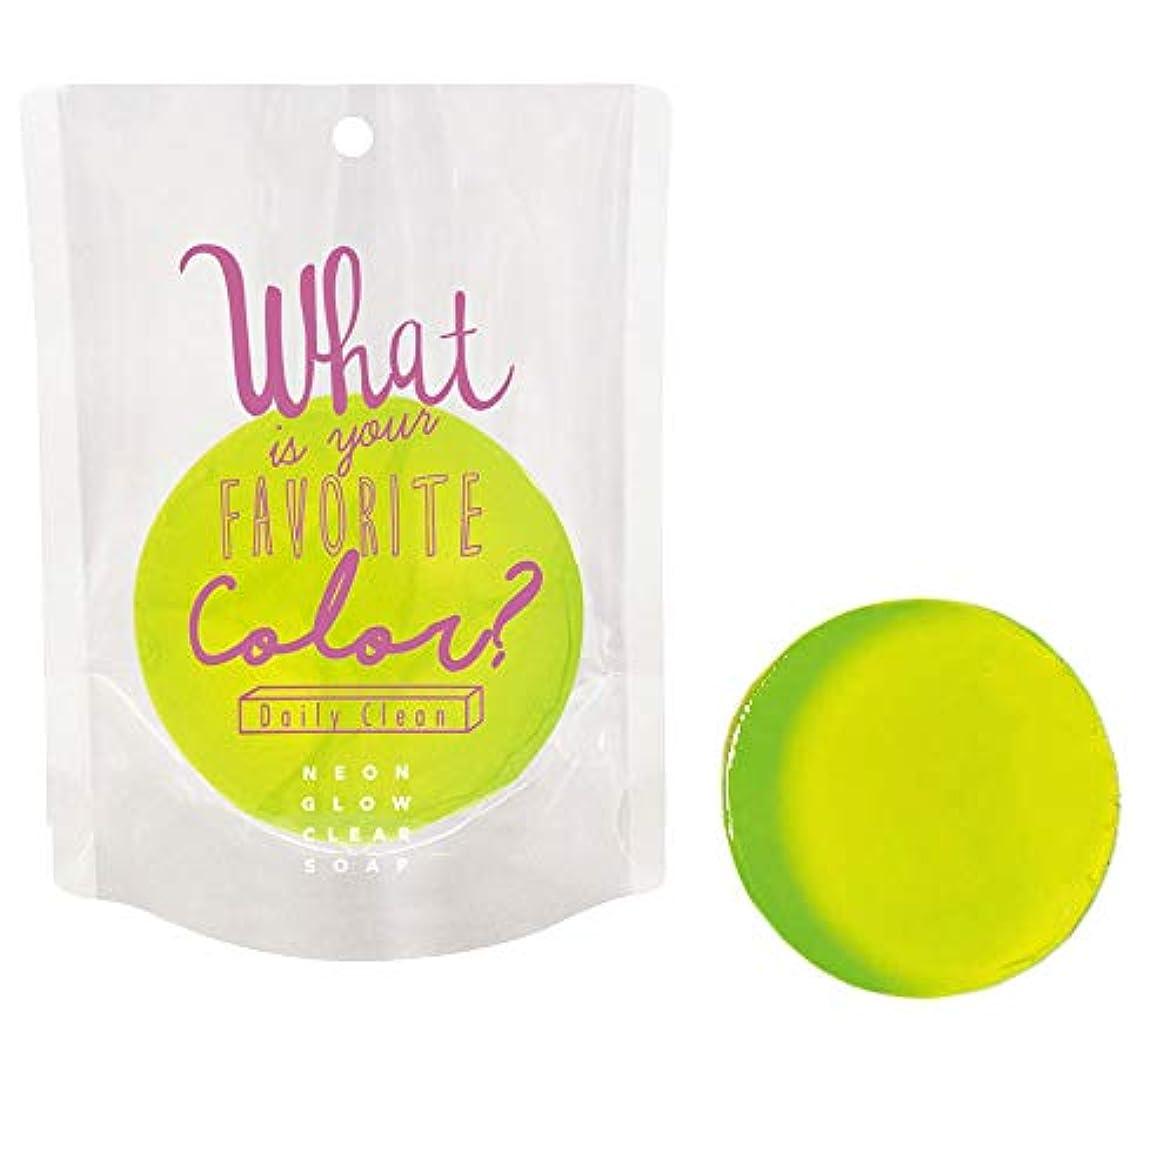 ブローホール怠惰儀式ネオングロークリアソープ ob-ngw-2-1-4(02/パパイヤ) Neon Glow Clear Soap 石鹸 ノルコーポレーション 固形 せっけん カラフル 香り 清潔 ギフト プレゼント